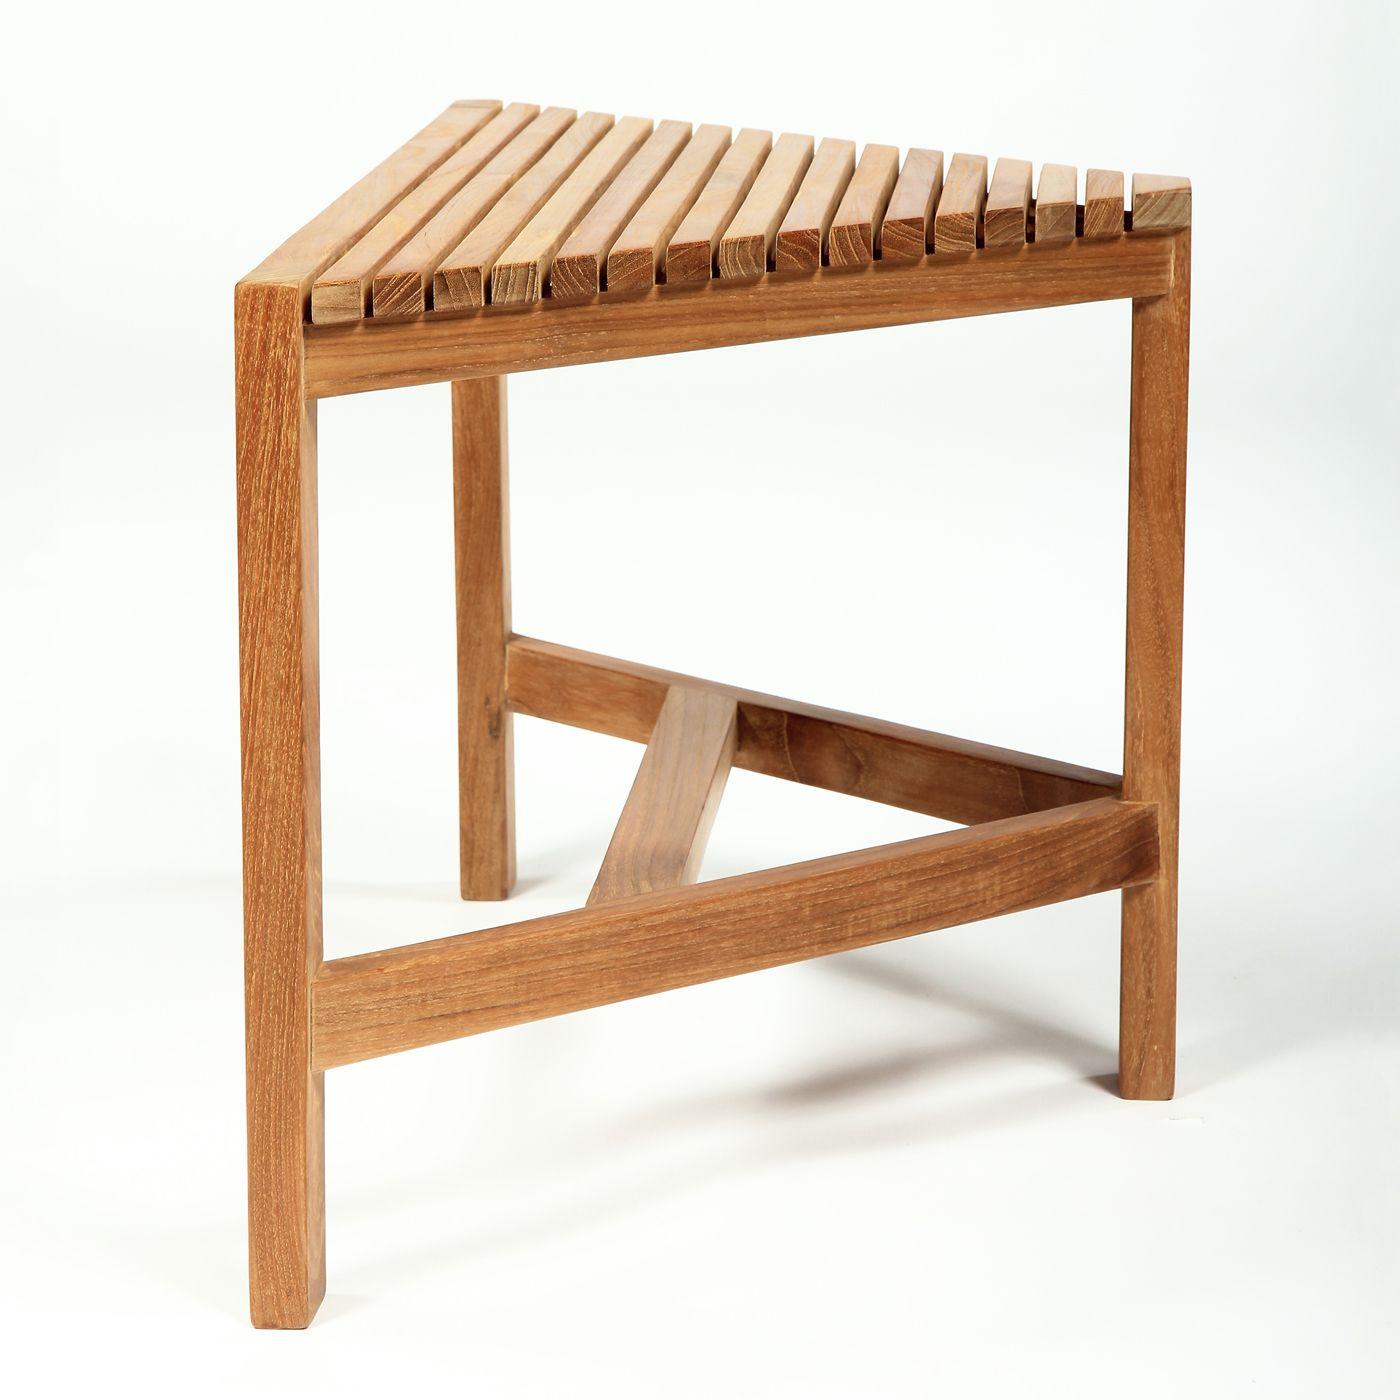 arb teak u0026 specialties ben529 teak corner shower bench